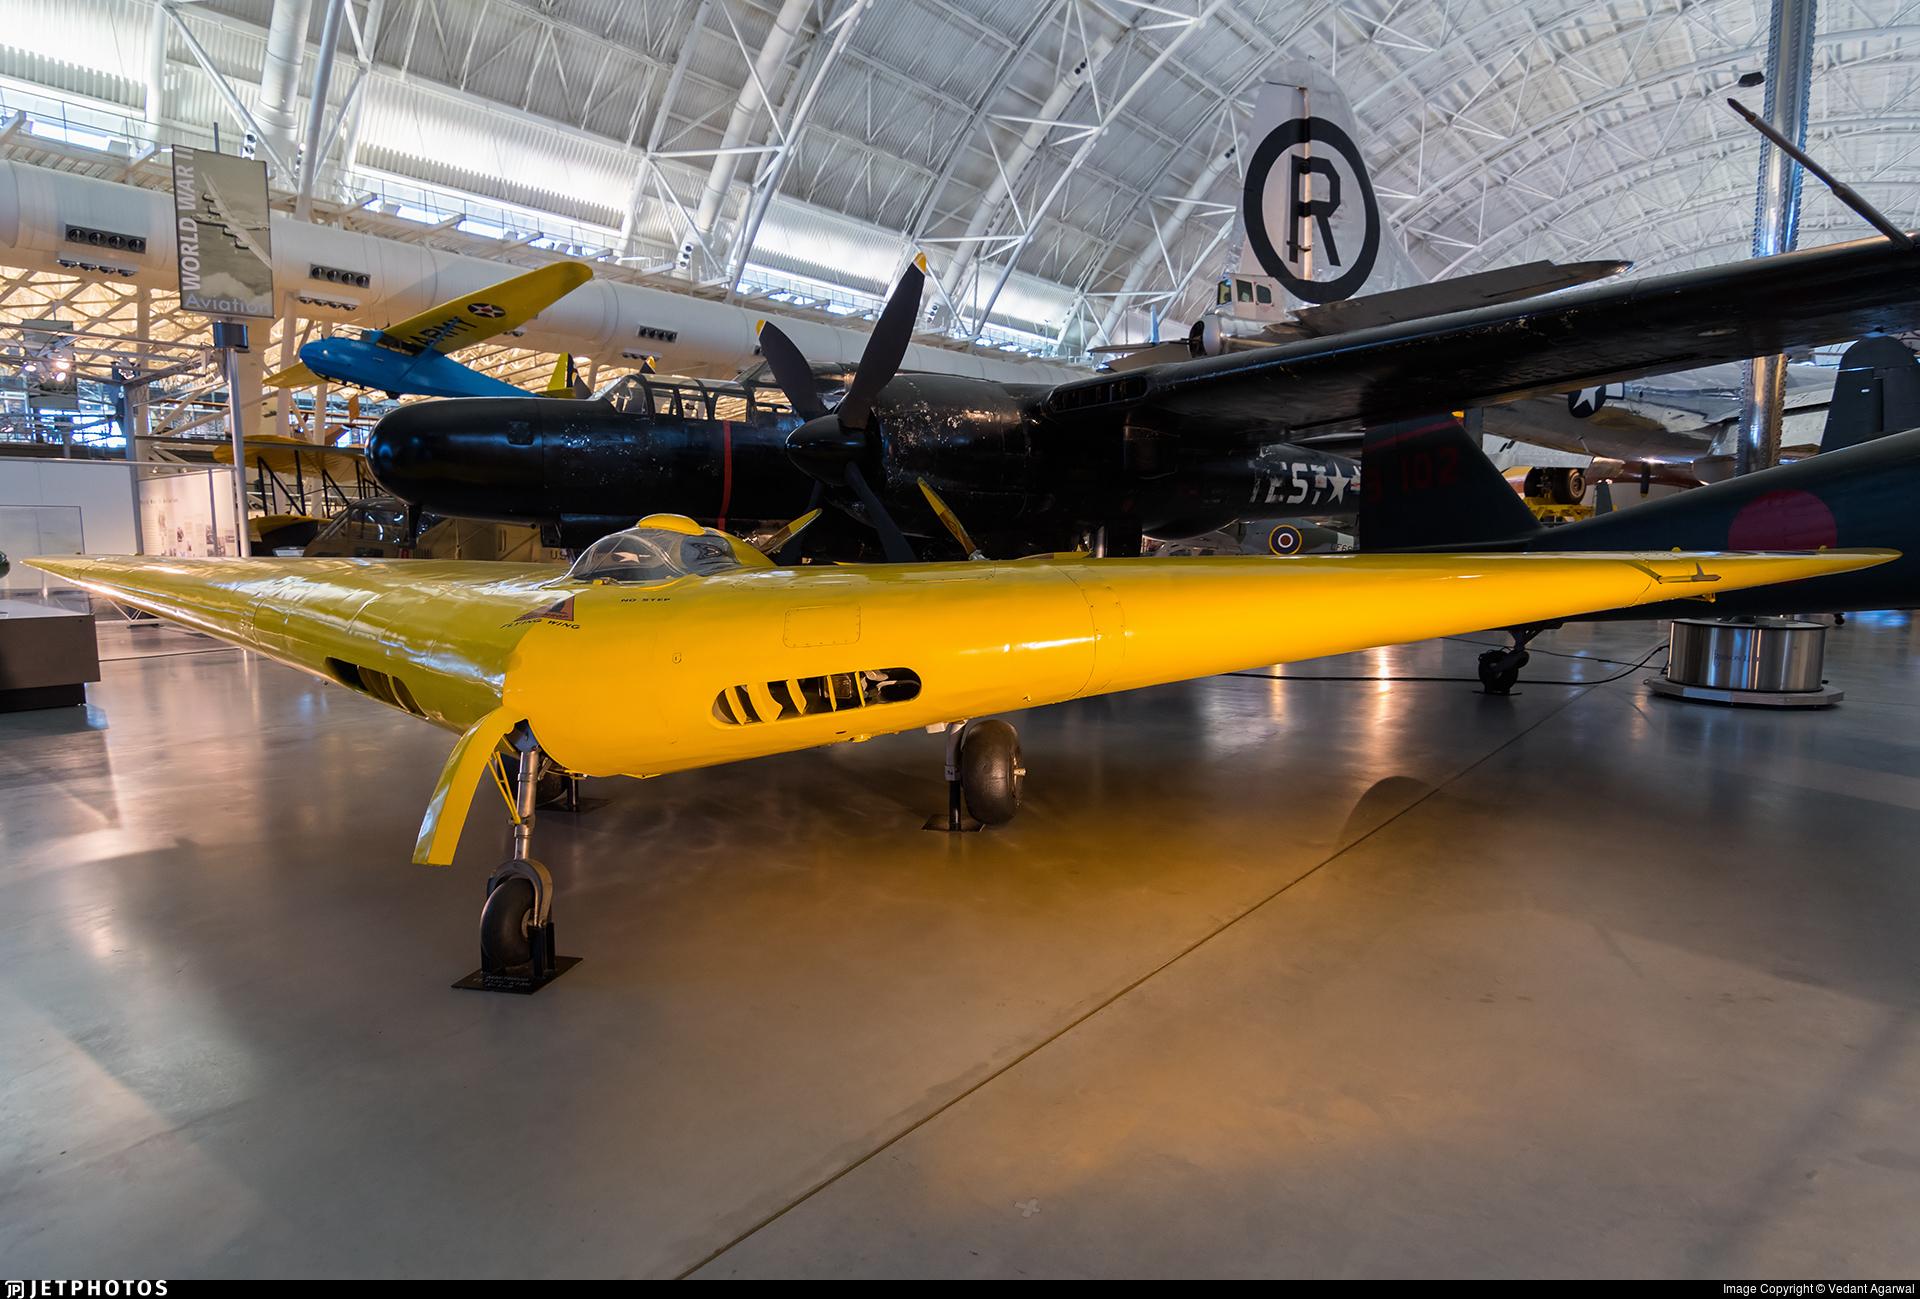 N28311 - Northrop N1M - Northrop